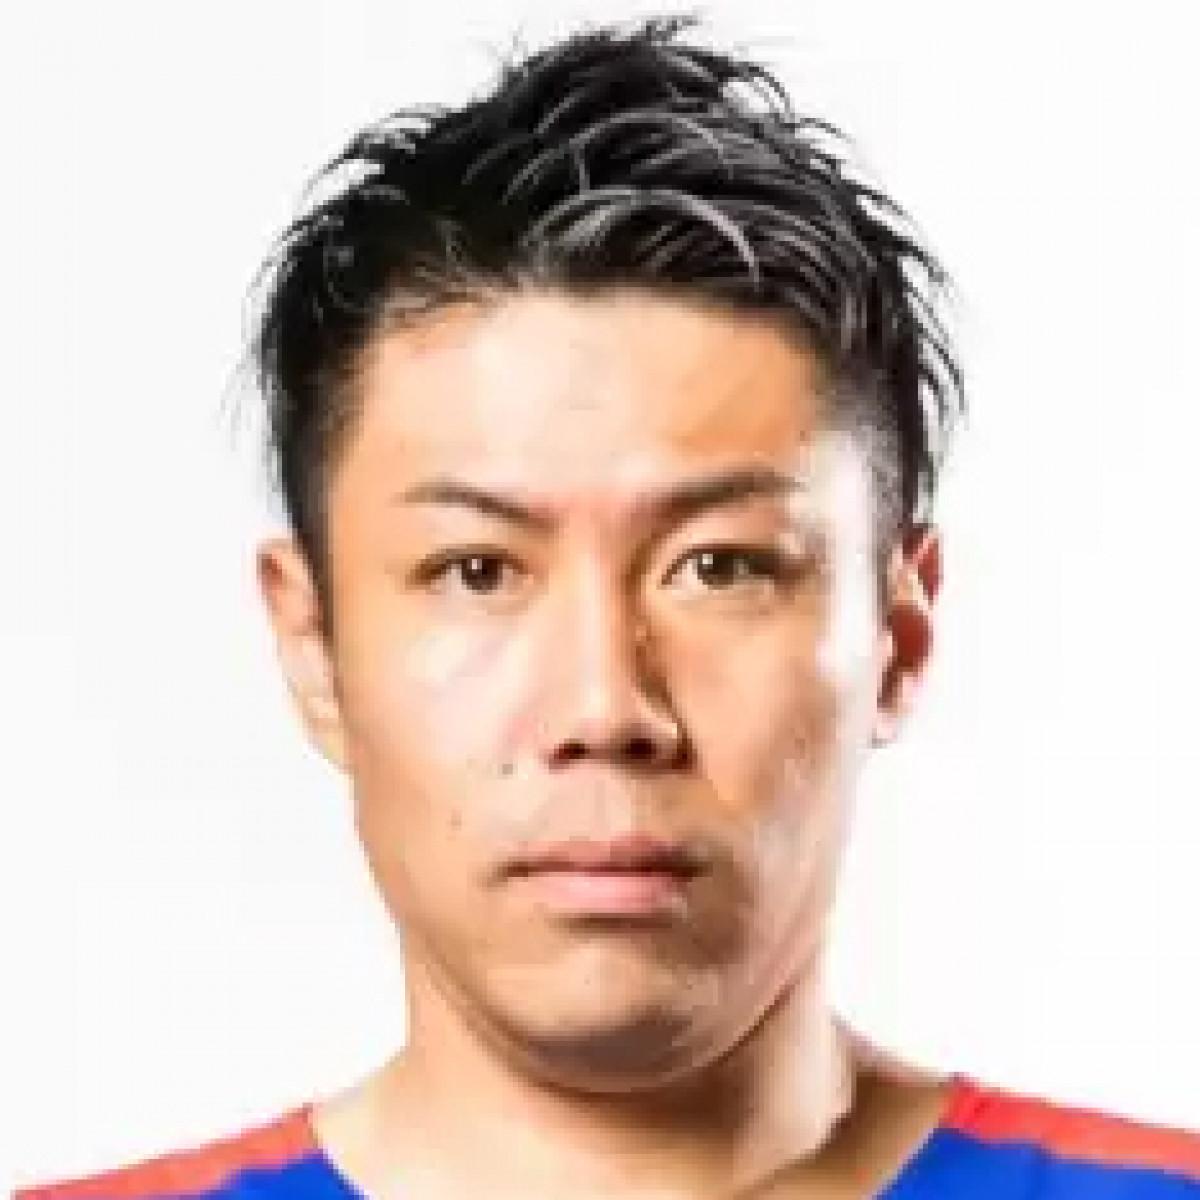 Takuya Komoda